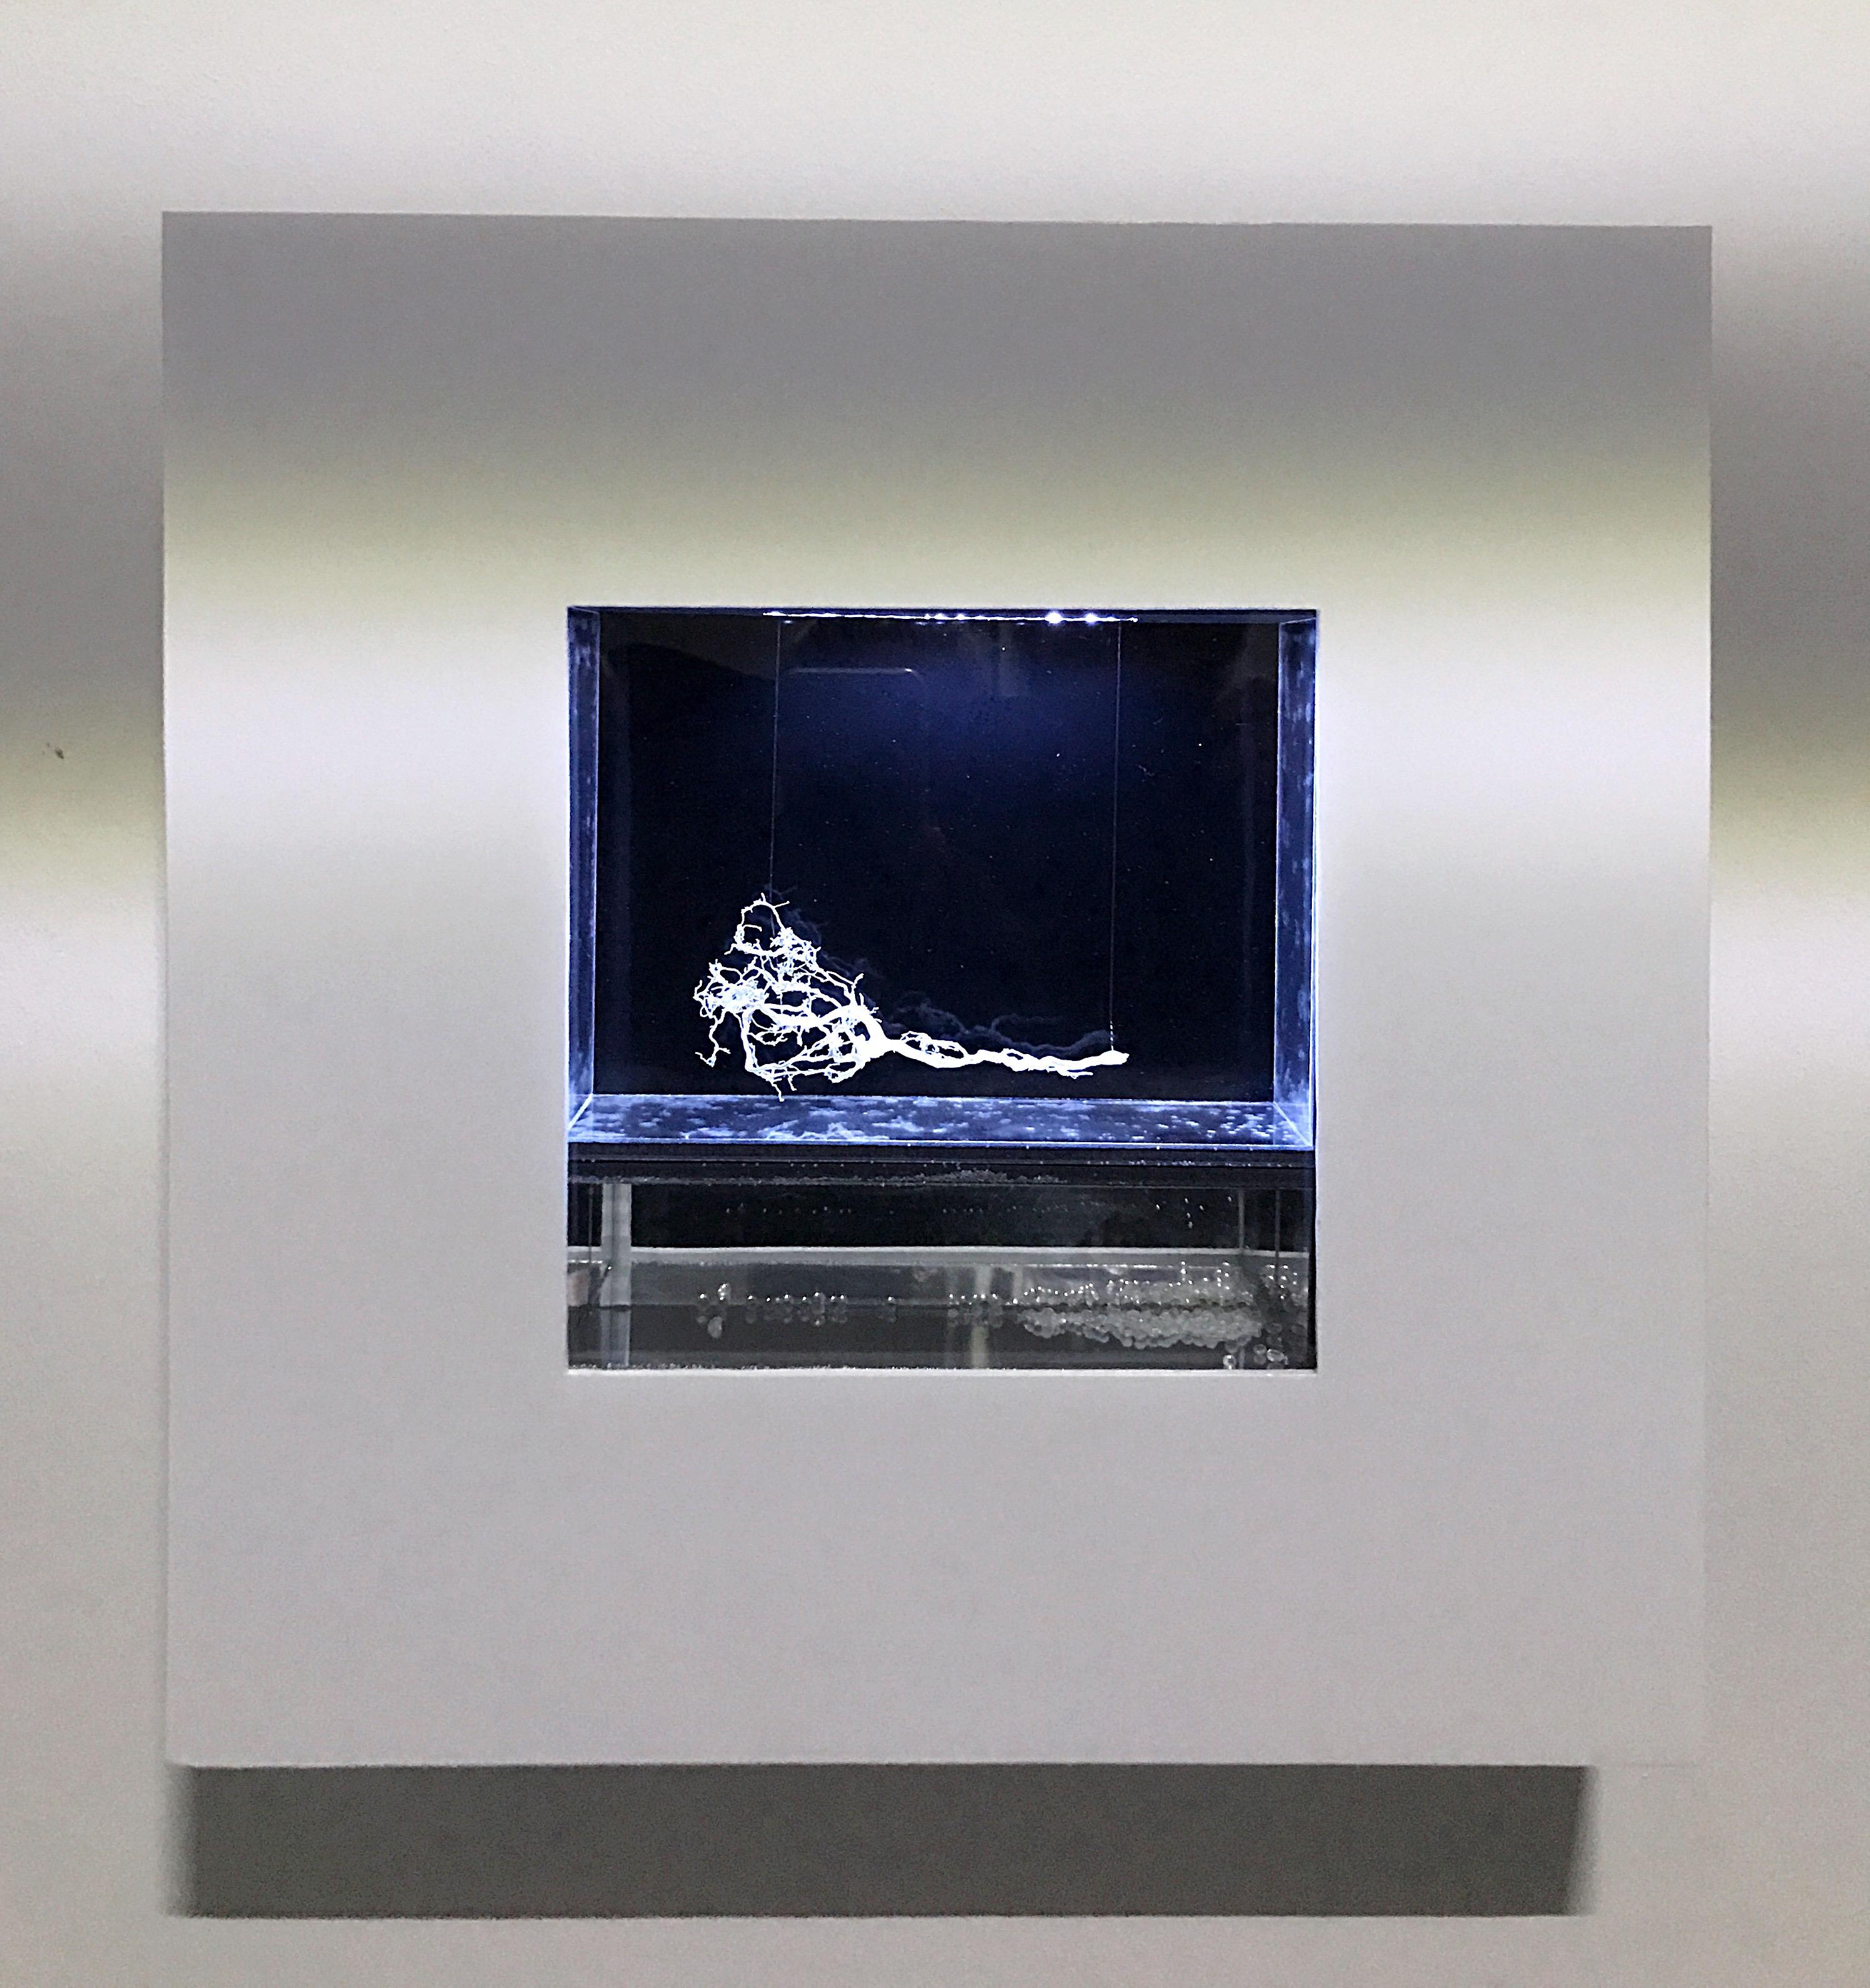 DER AMBROSISCHE SCHEIN Objekt : 40 x 40 x 7 cm Holz Spiegel Karton Led Licht Glas Autolack metallic Silica gel